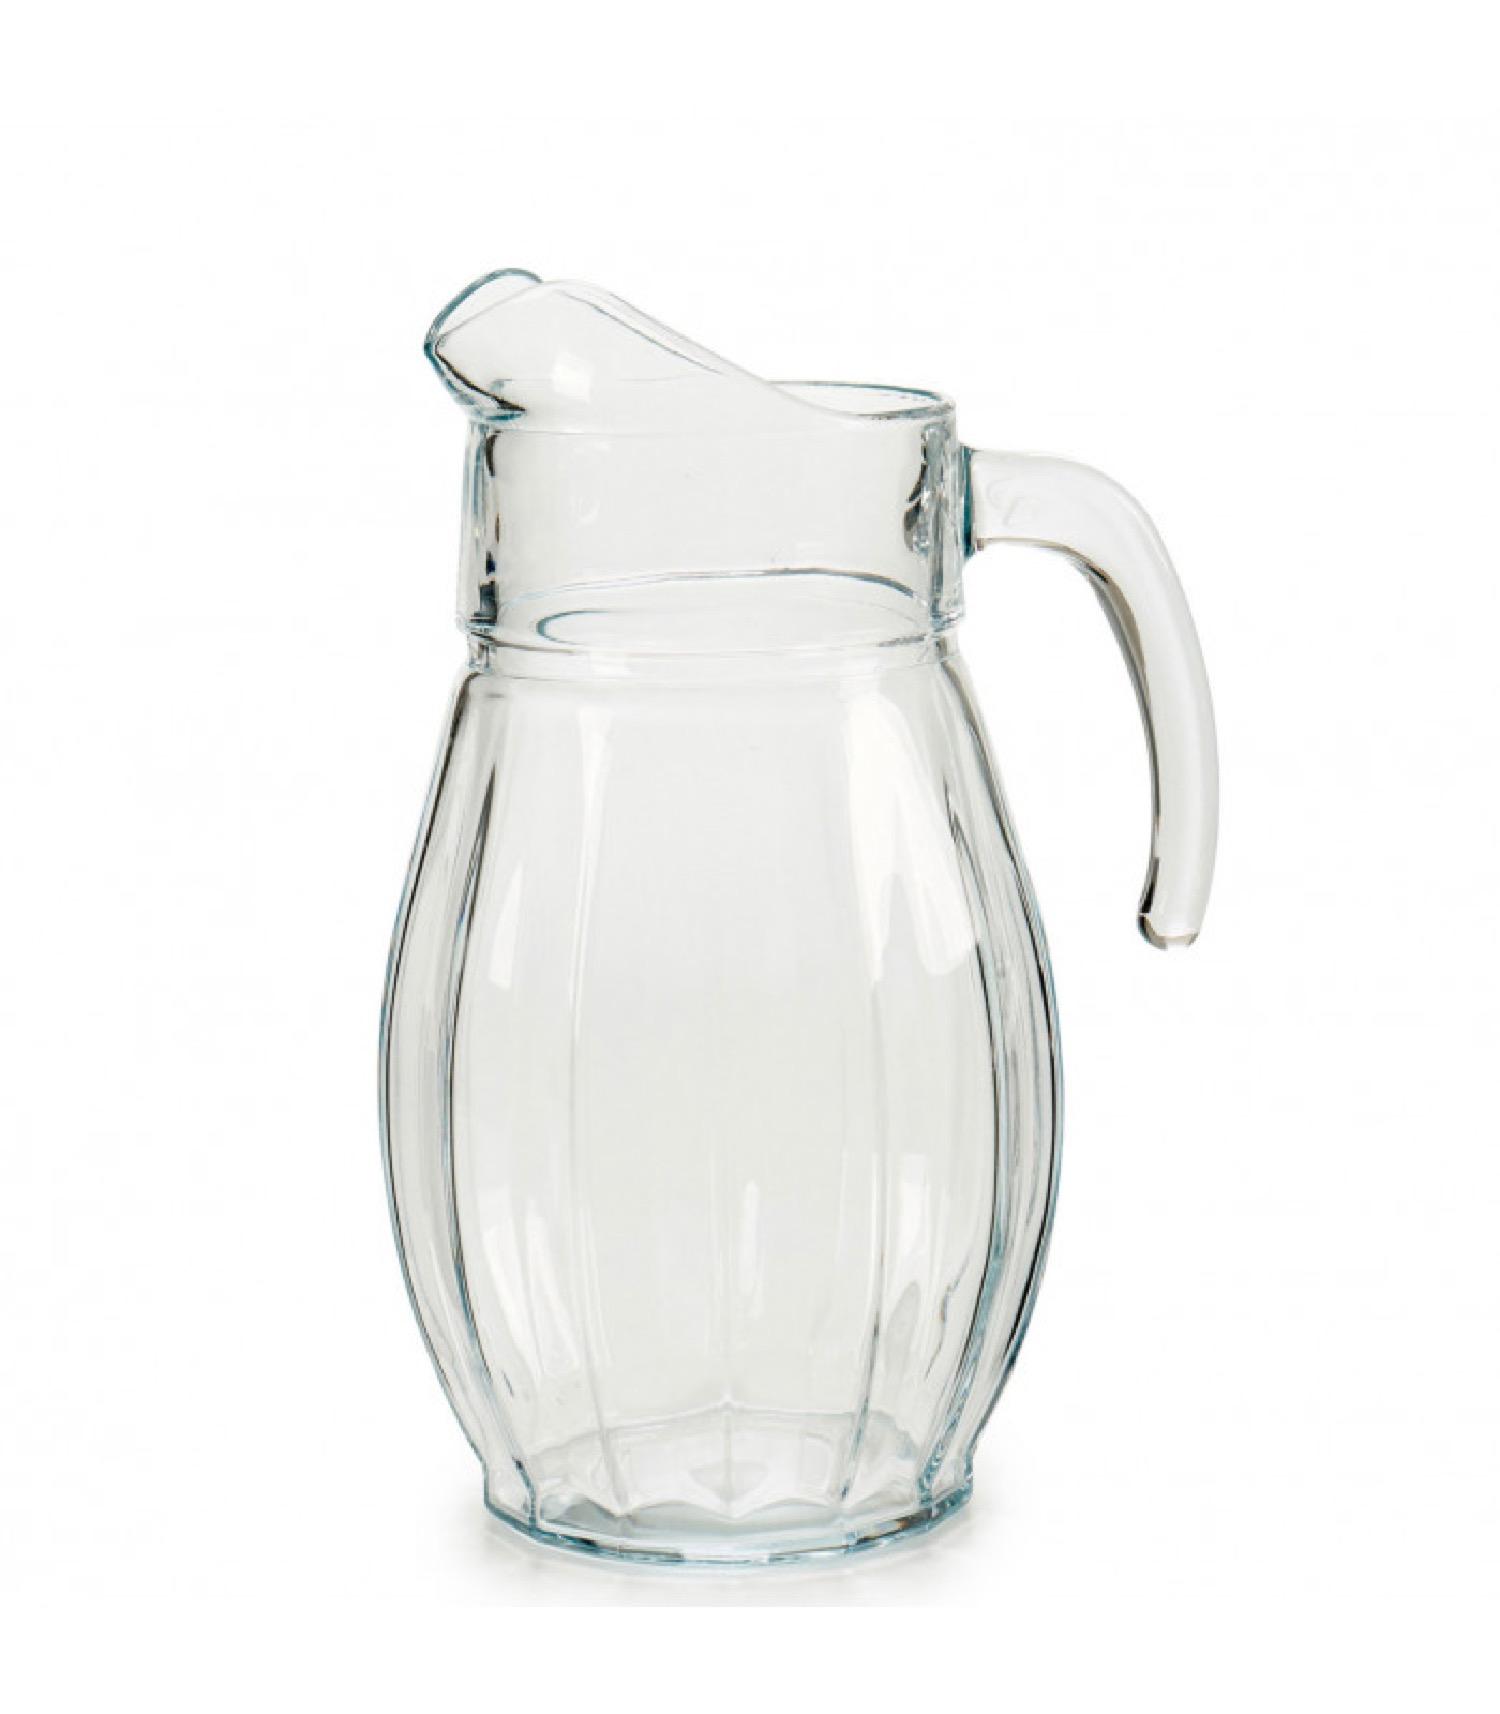 Pichet à eau ou jus en verre 1,7L